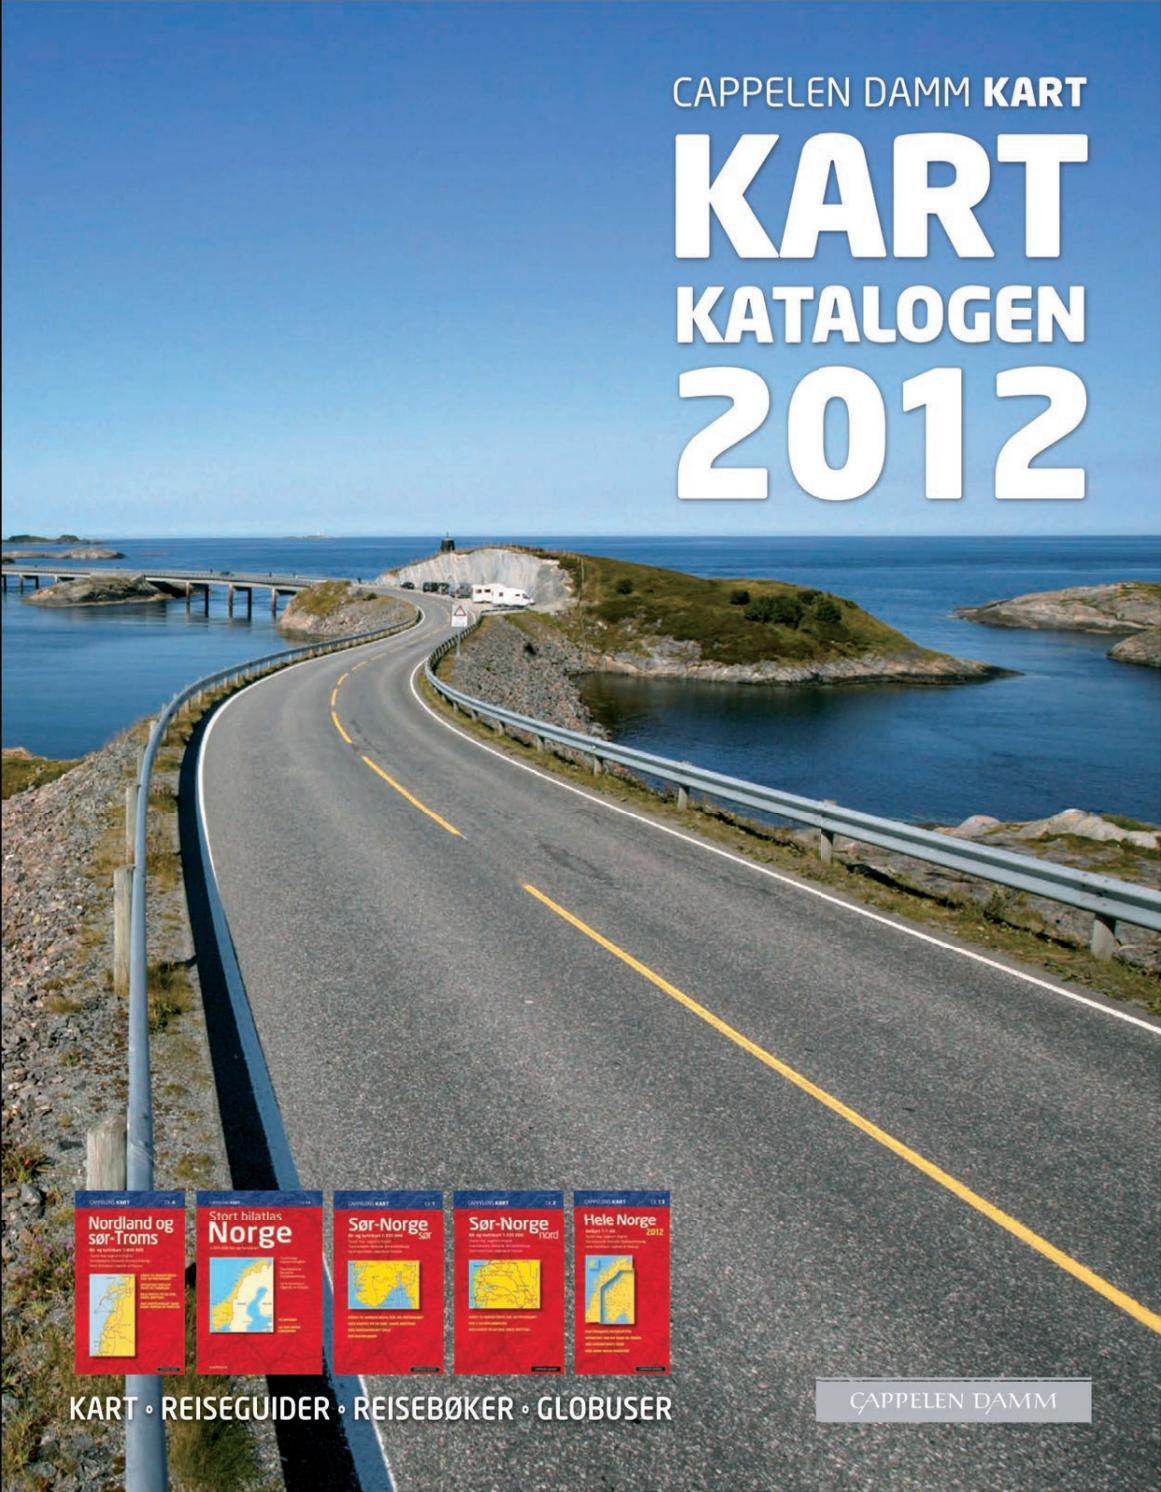 Kartkatalogen 2012 By Cappelen Damm As Issuu